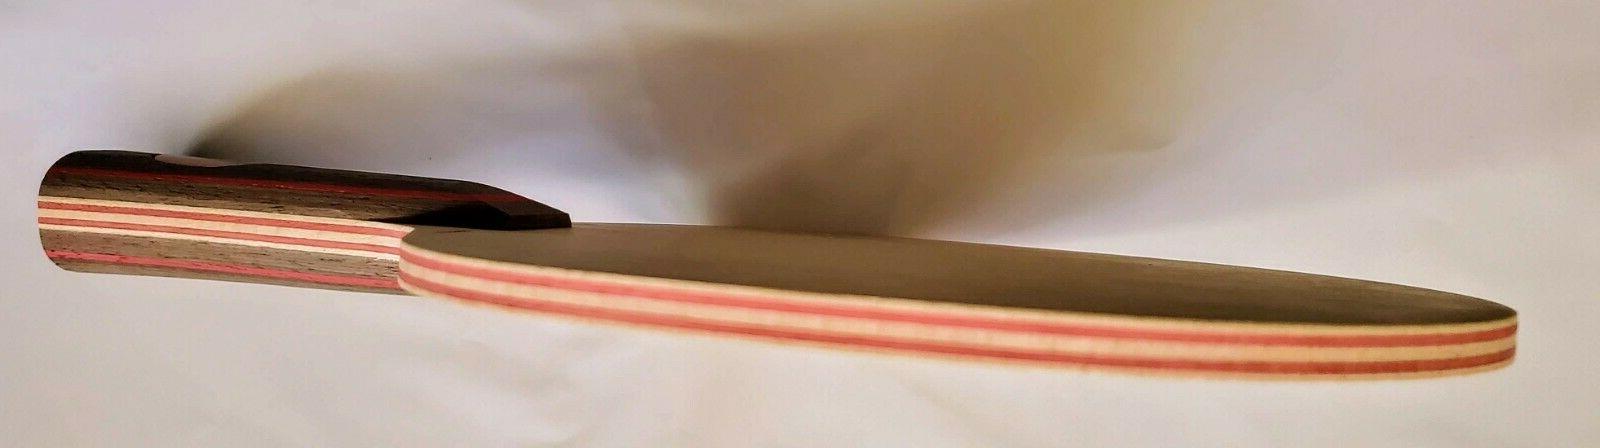 Stiga Clipper Table Blade